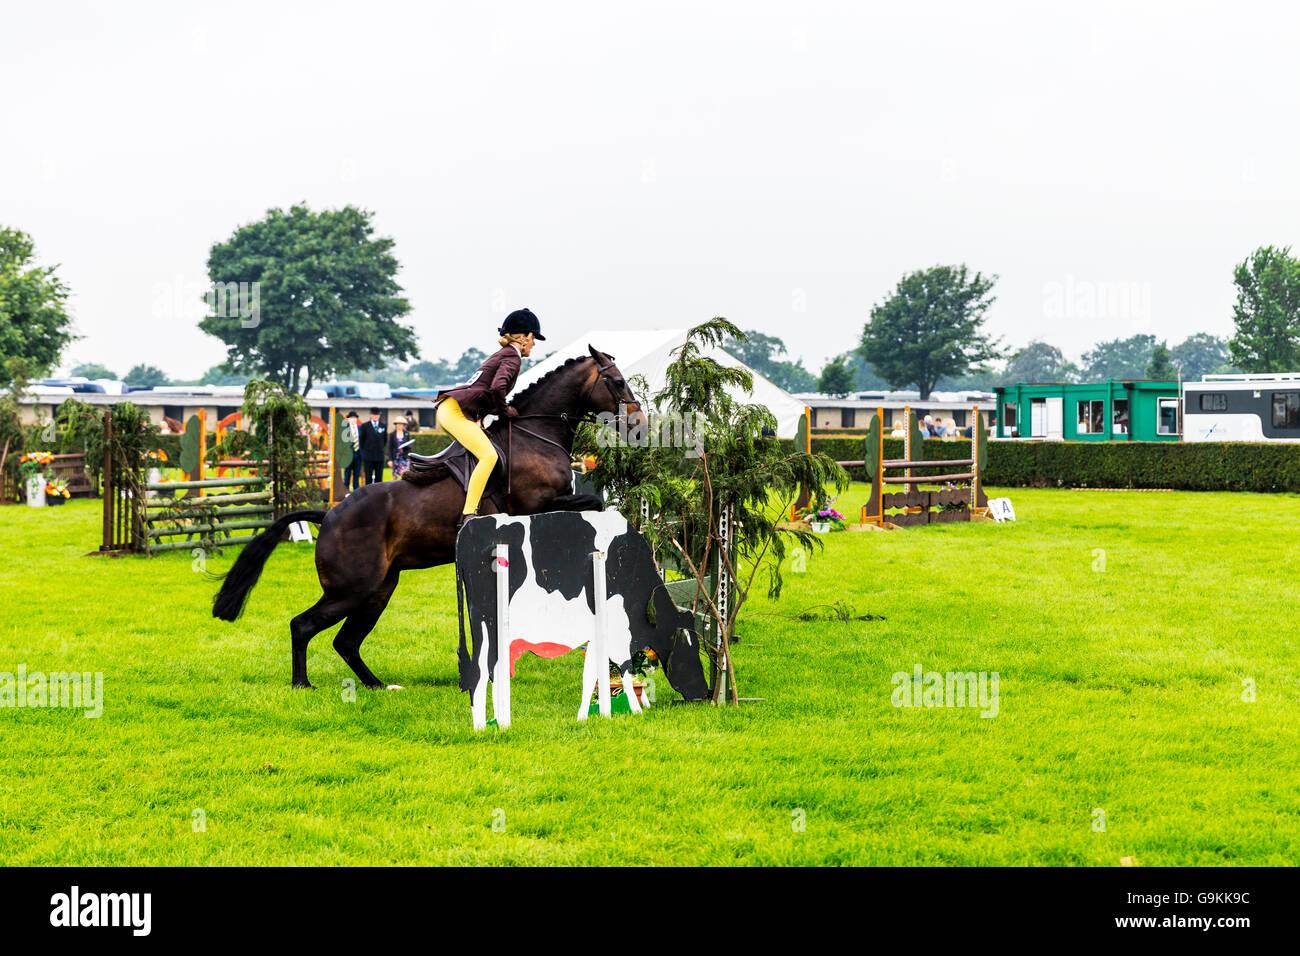 Pferd springen Sprung über Hindernis Gymkhana junges Mädchen reiten über den Zaun springen auf UK Stockbild